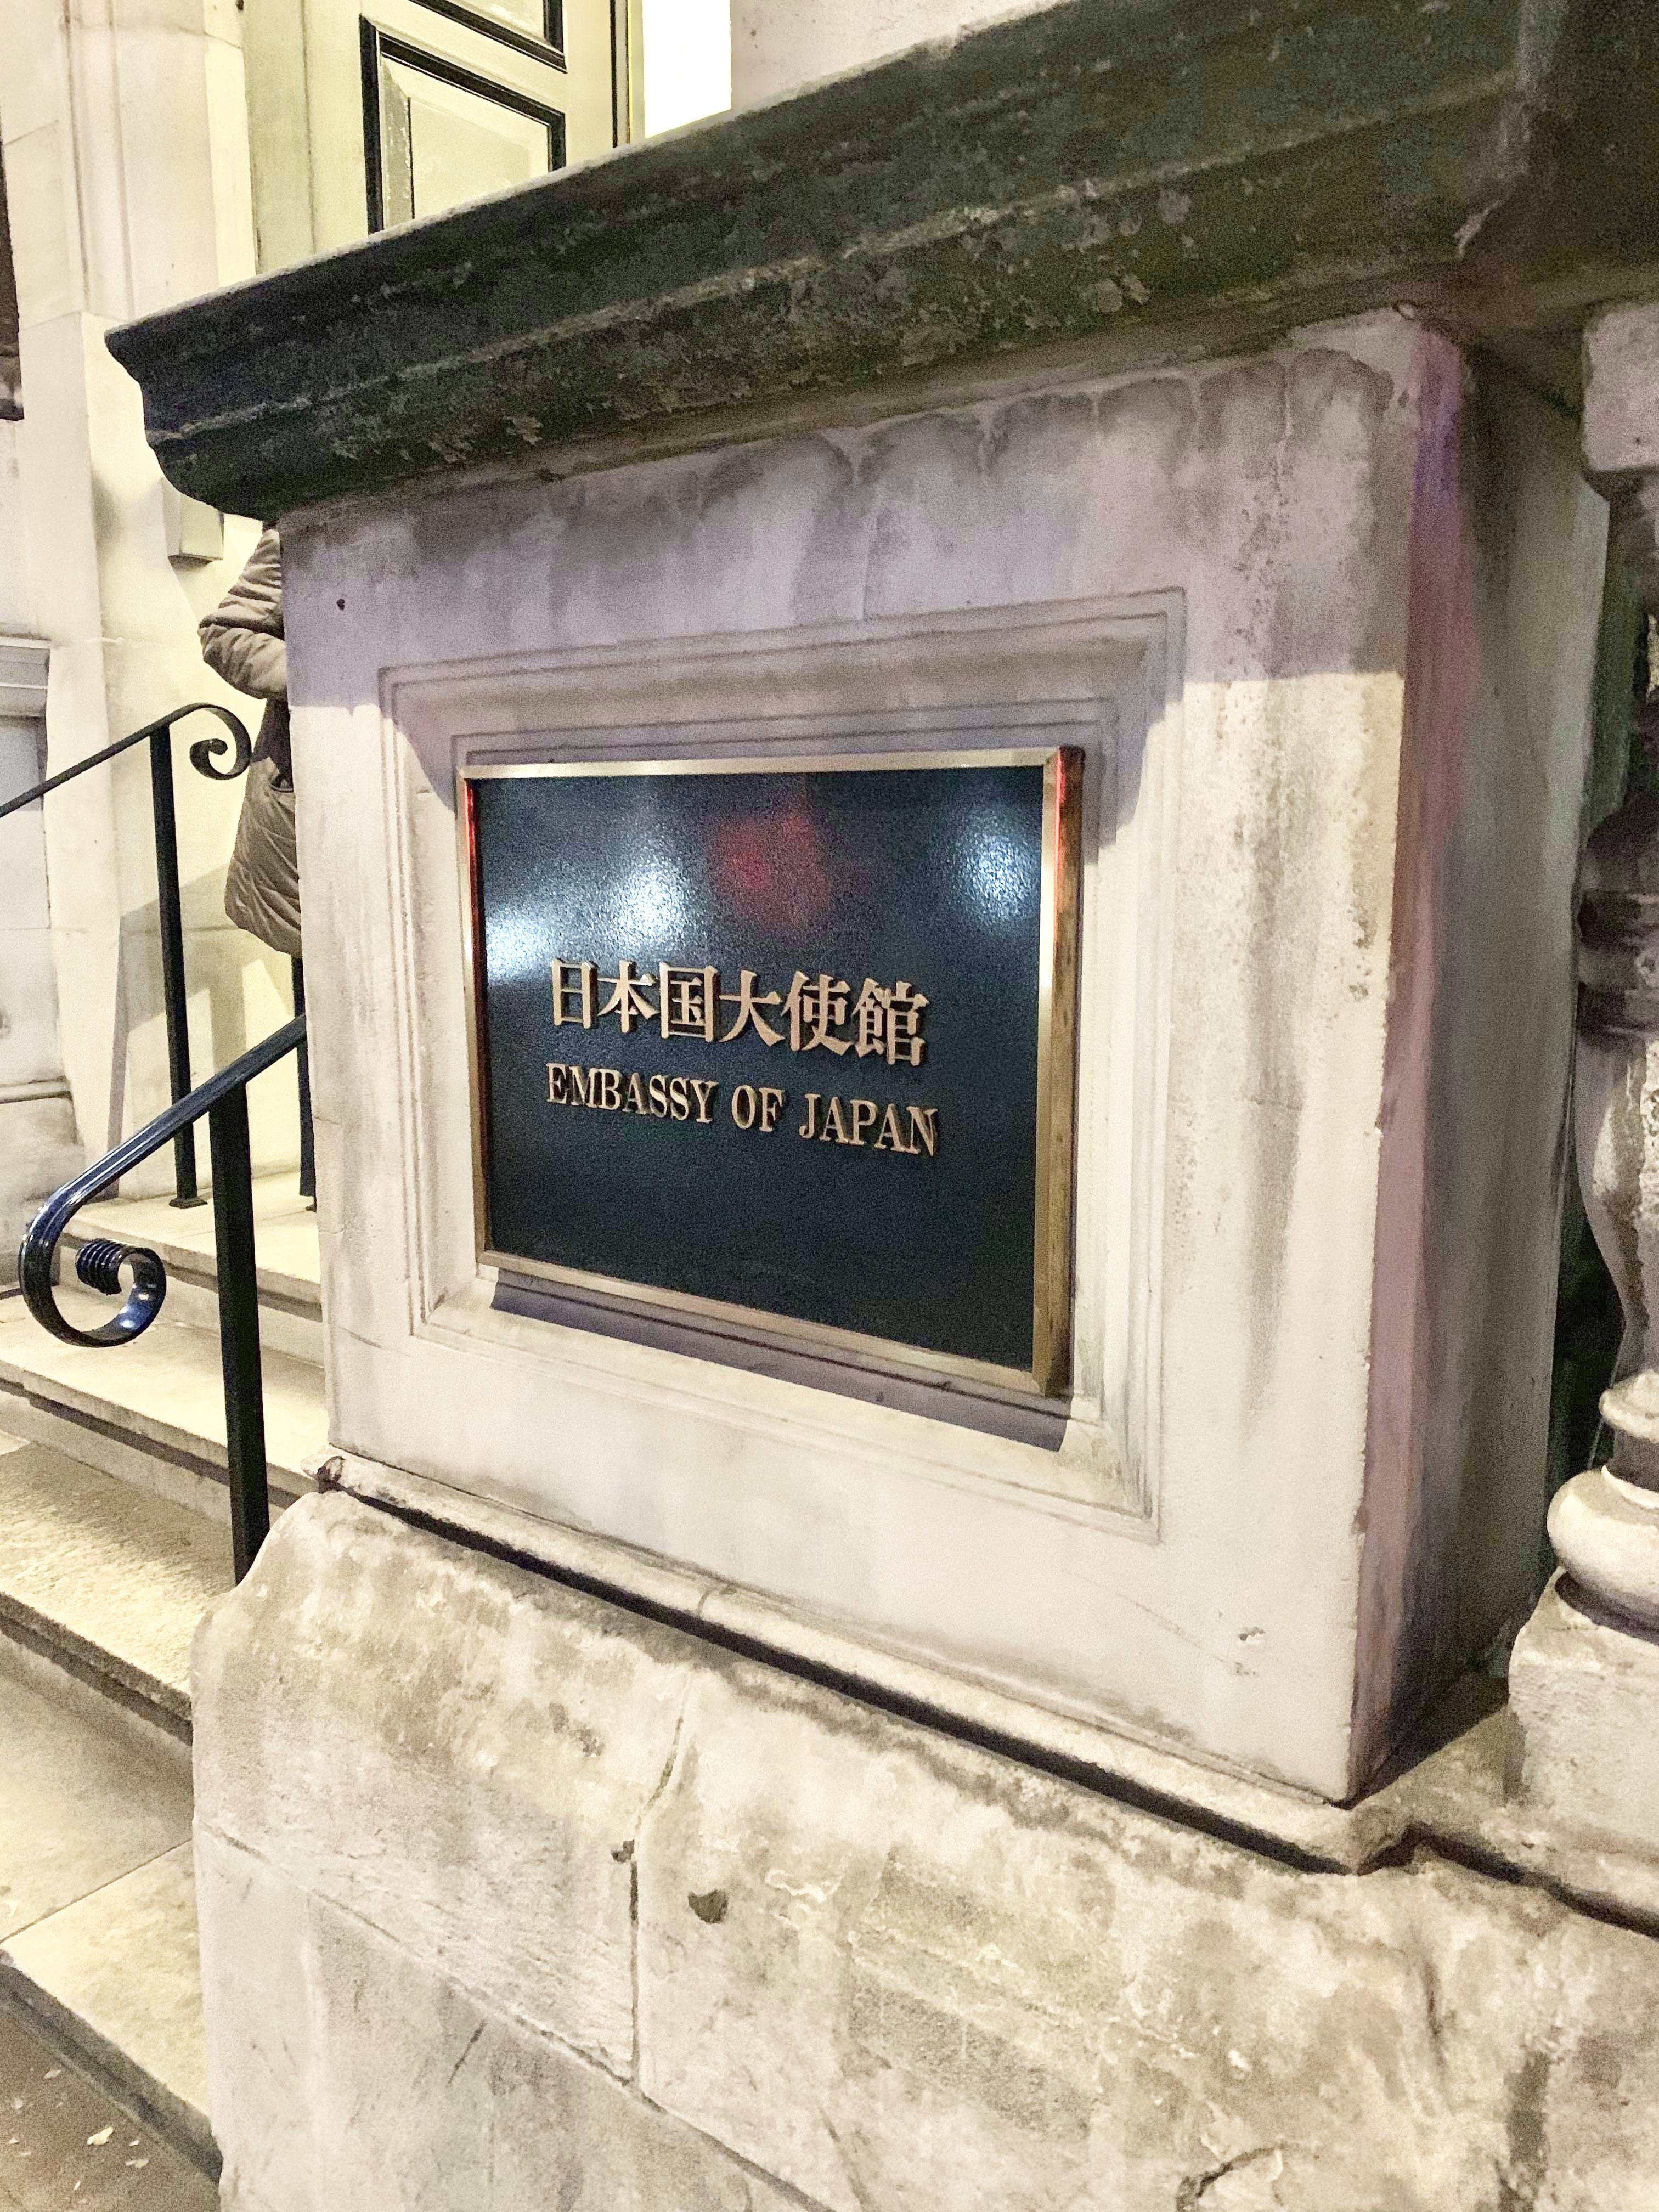 【過去のコラボ紹介】イギリスの日本大使館で振る舞われました